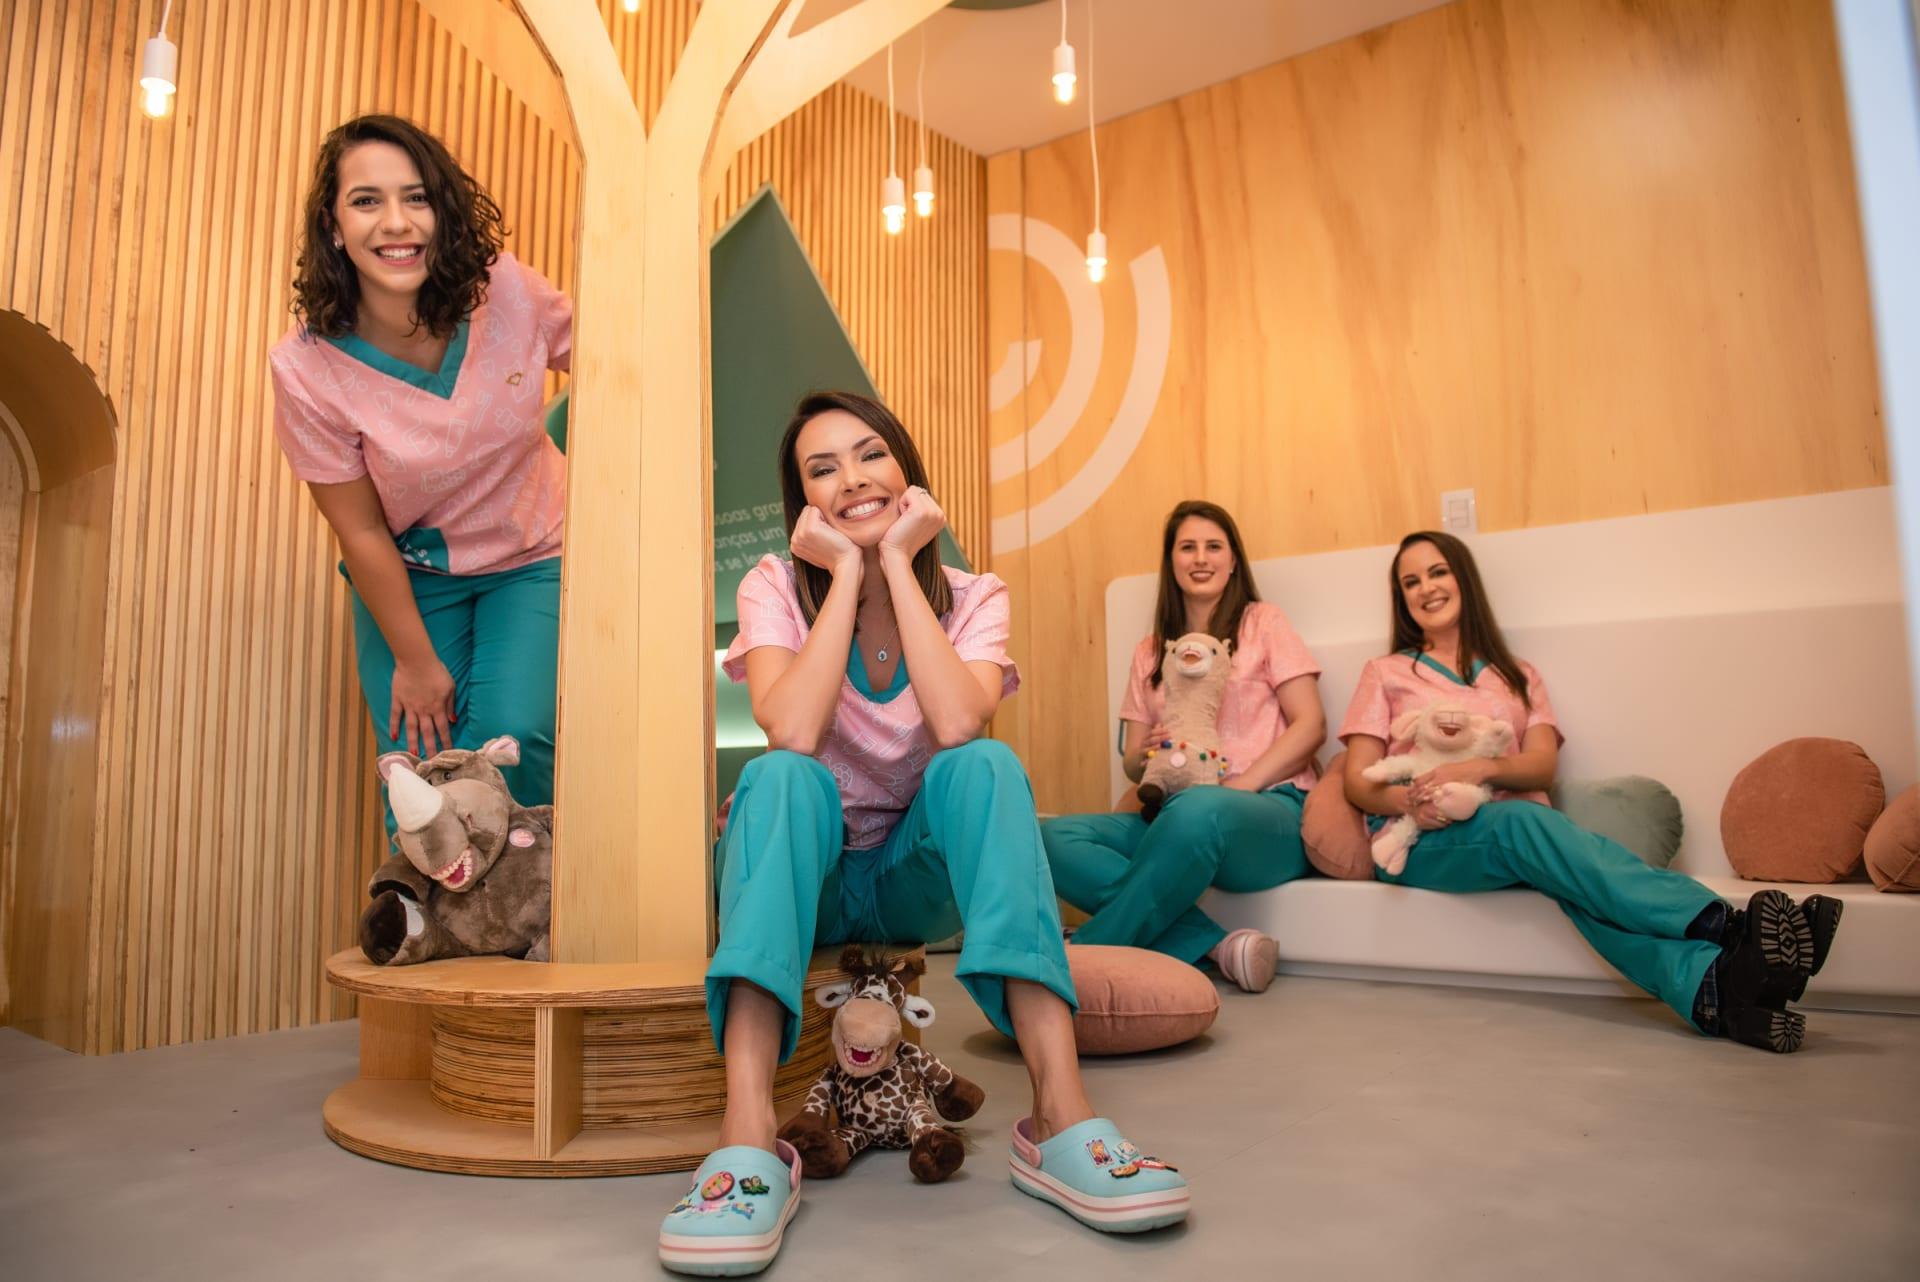 Imagem sobre a clínica